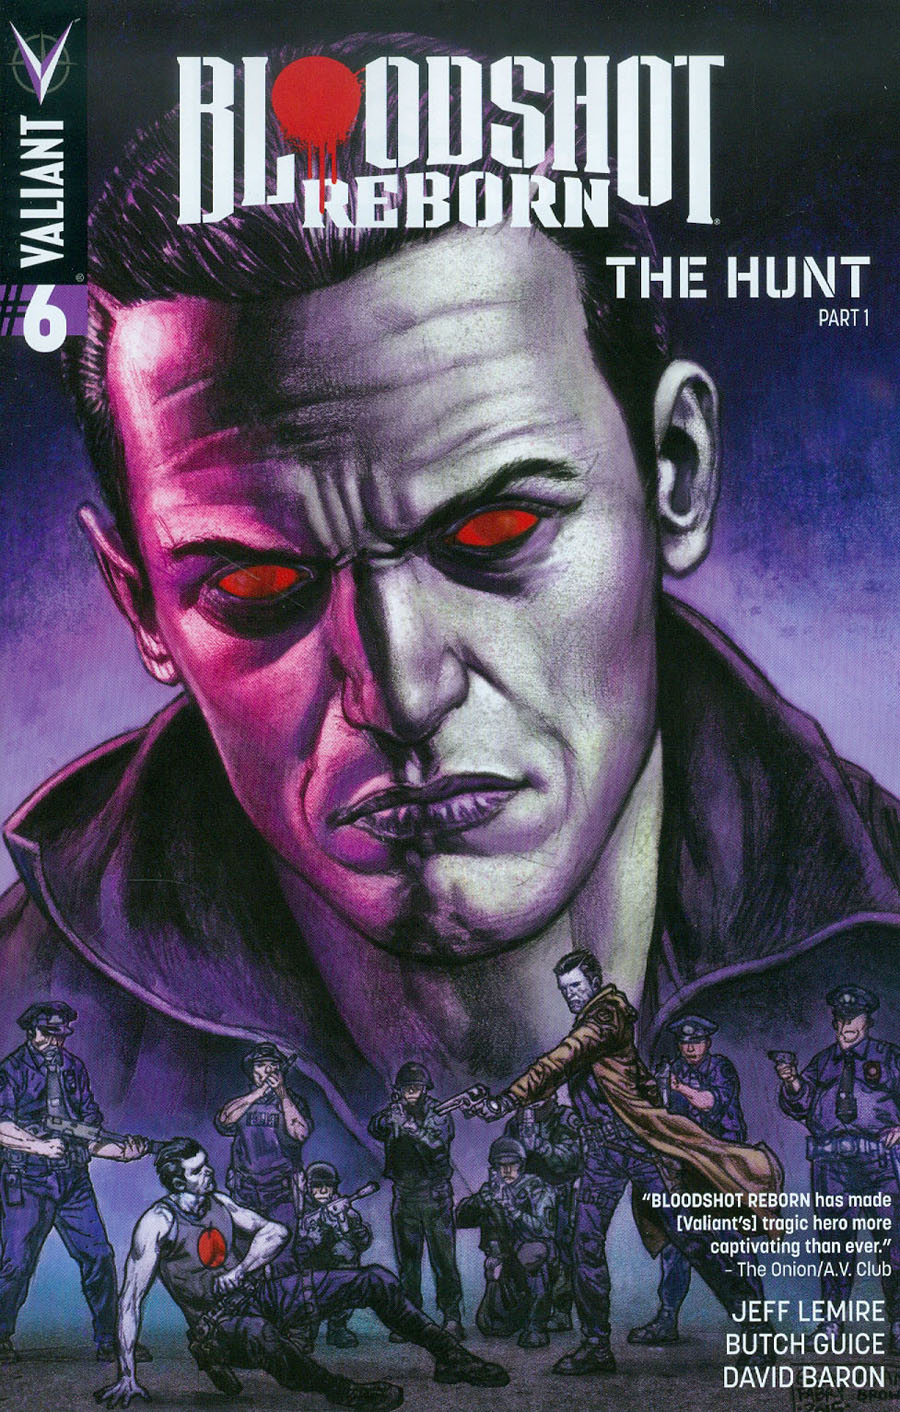 Bloodshot Reborn #6 Cover C Variant Glenn Fabry Cover